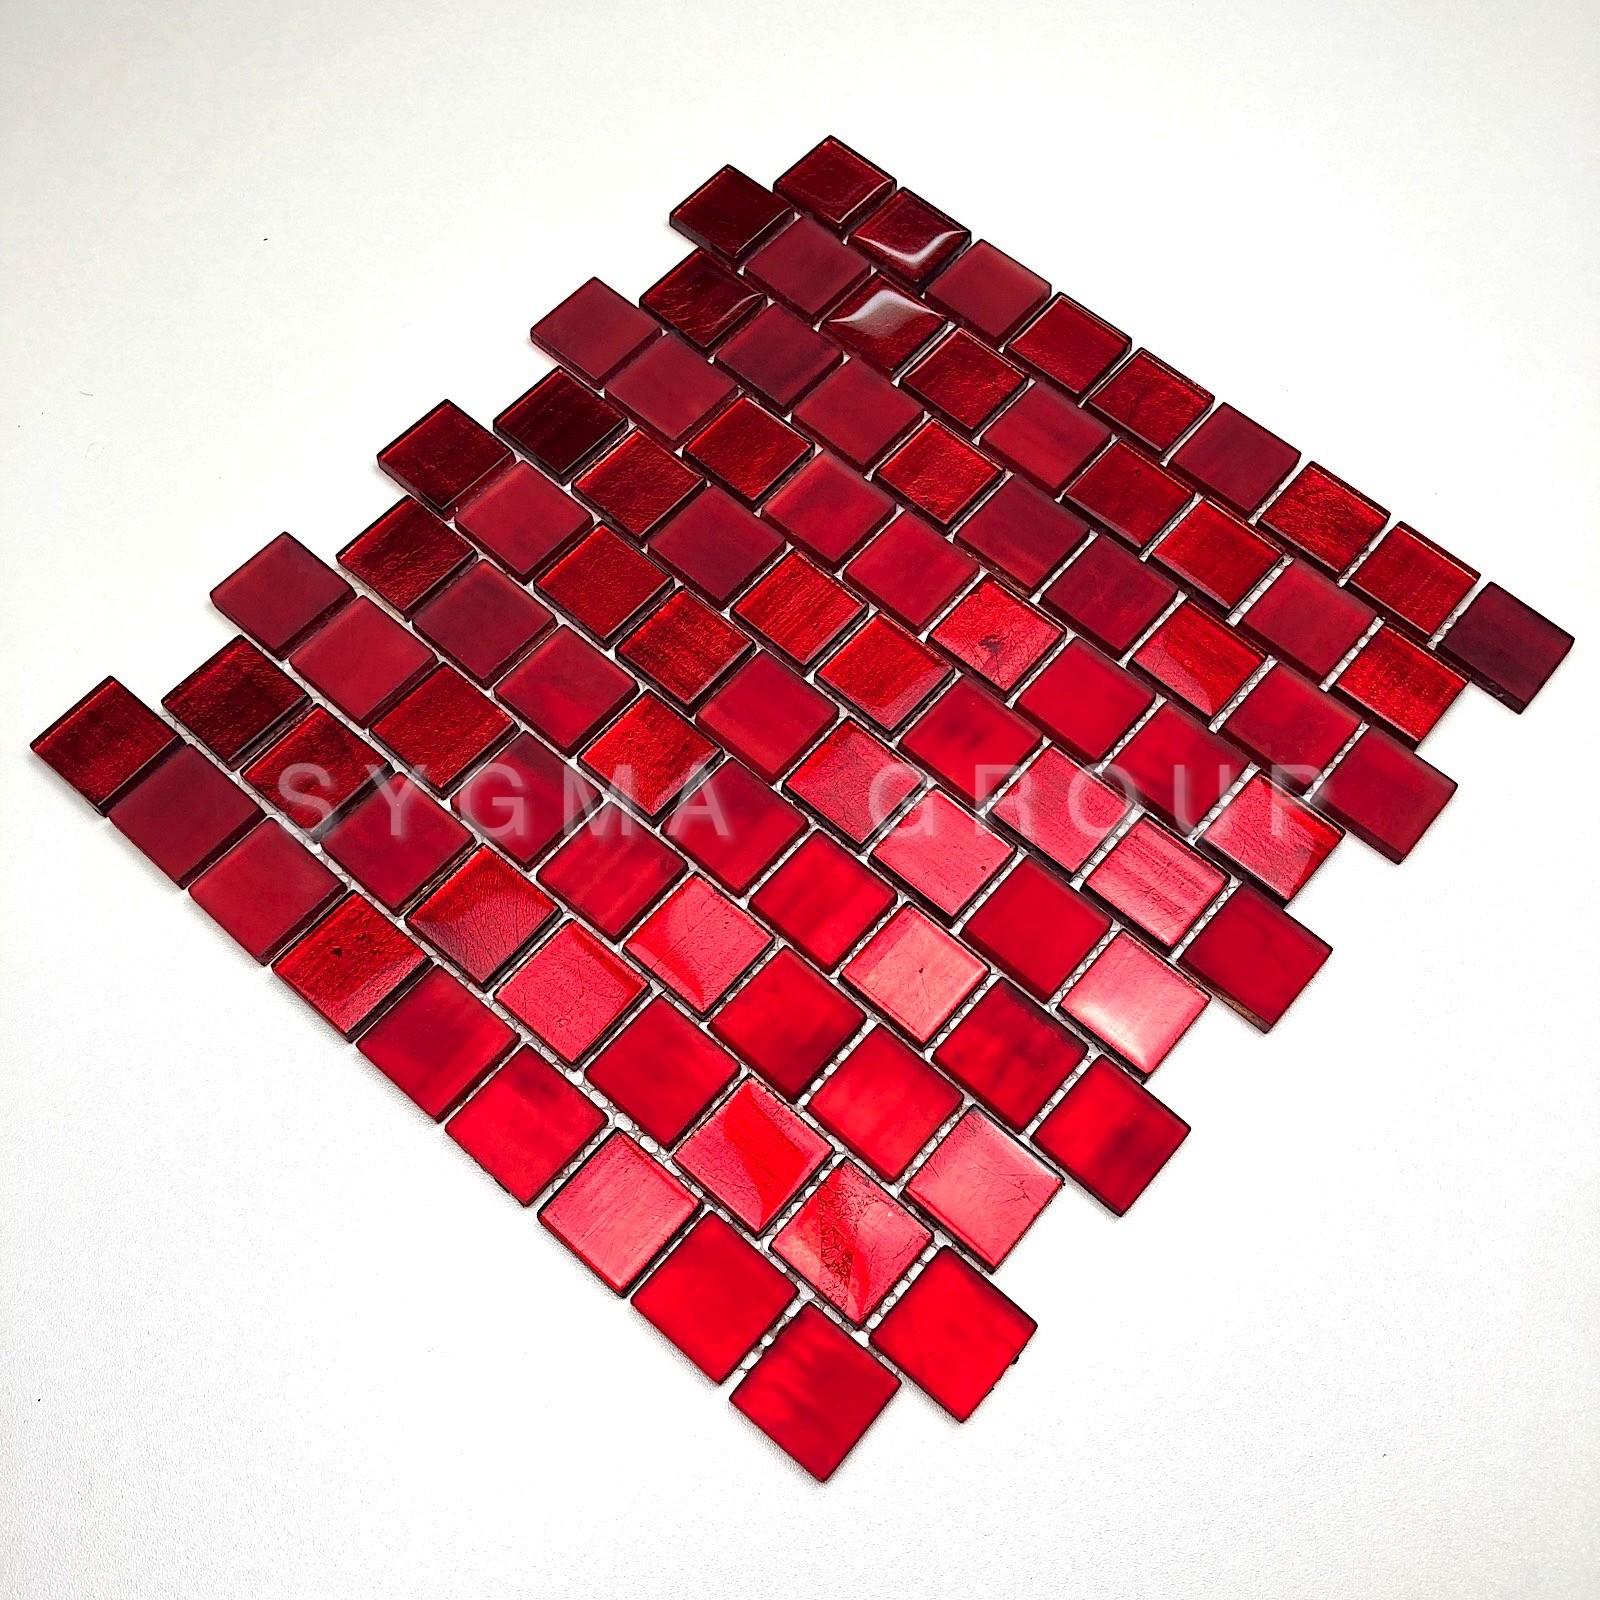 carrelage mur de cuisine et mosaique salle de bains 1m drio rouge carrelage mosaique